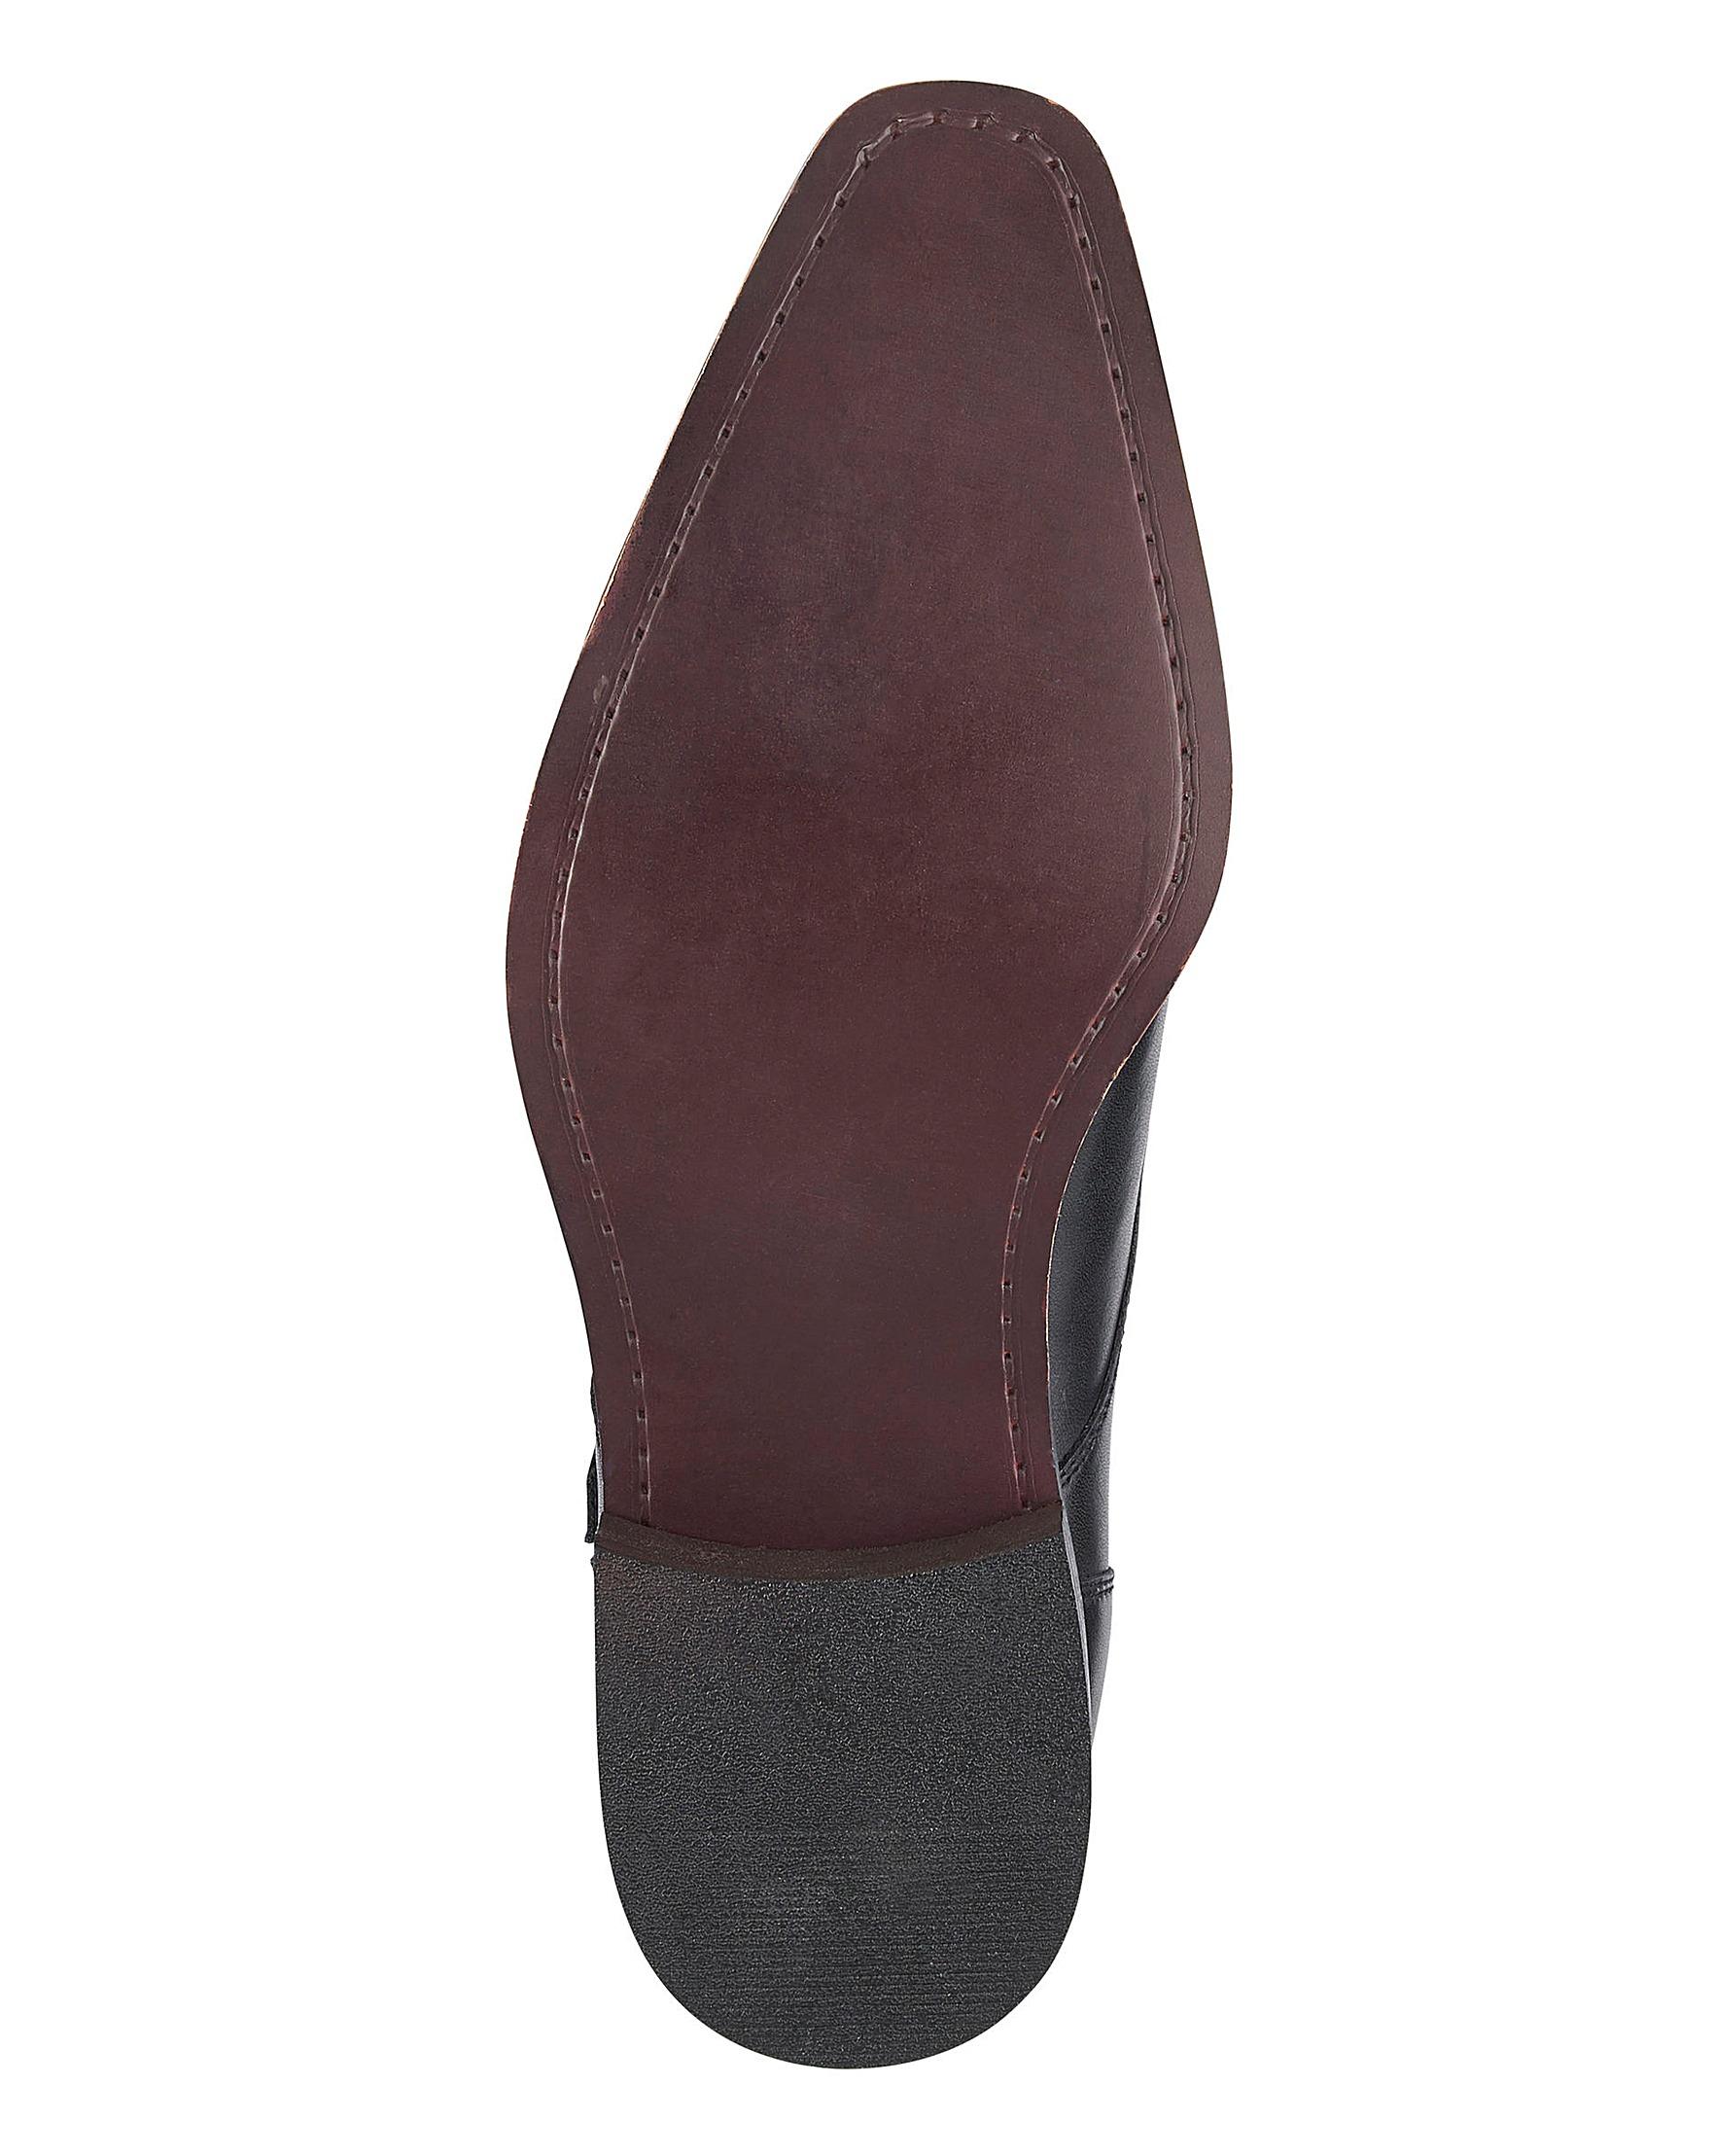 7d552d3853f4e Jacamo Premium Leather Double Monk Shoes | J D Williams